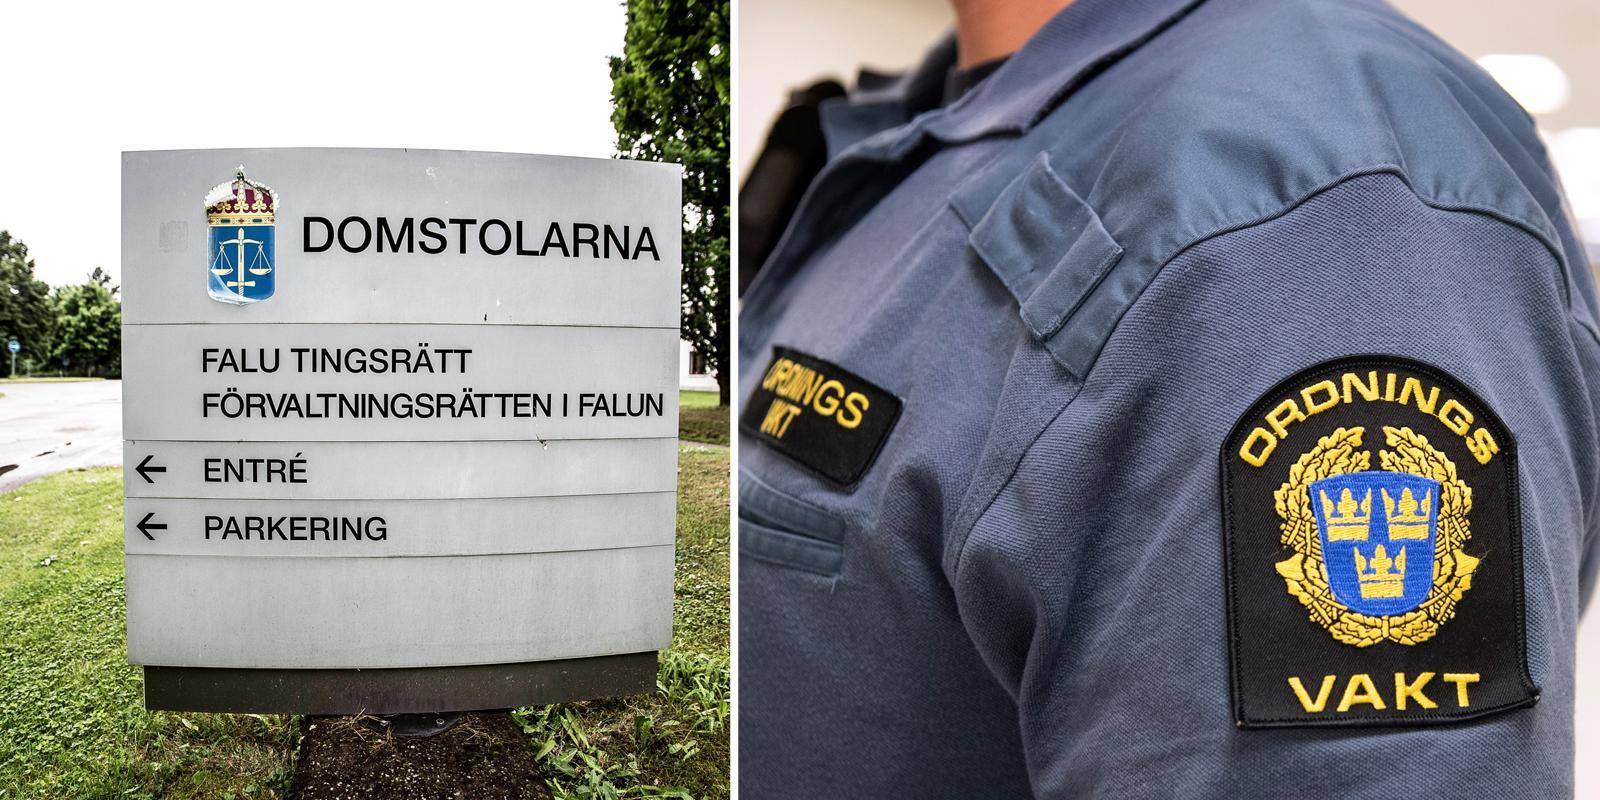 En duo från Hedemora kommun har åtalats vid Falu tingsrätt misstänkt för bland annat misshandel och våldsamt motstånd. Brotten ska ha begåtts i hemkommunen och vid ett krogbesök i centrala Borlänge. Den ene mannen misstänks även för att ha bitit en ordningsvakt i handen. Obs: Bilden till höger är tagen i ett annat sammanhang. Foto: Arkivbild och TT